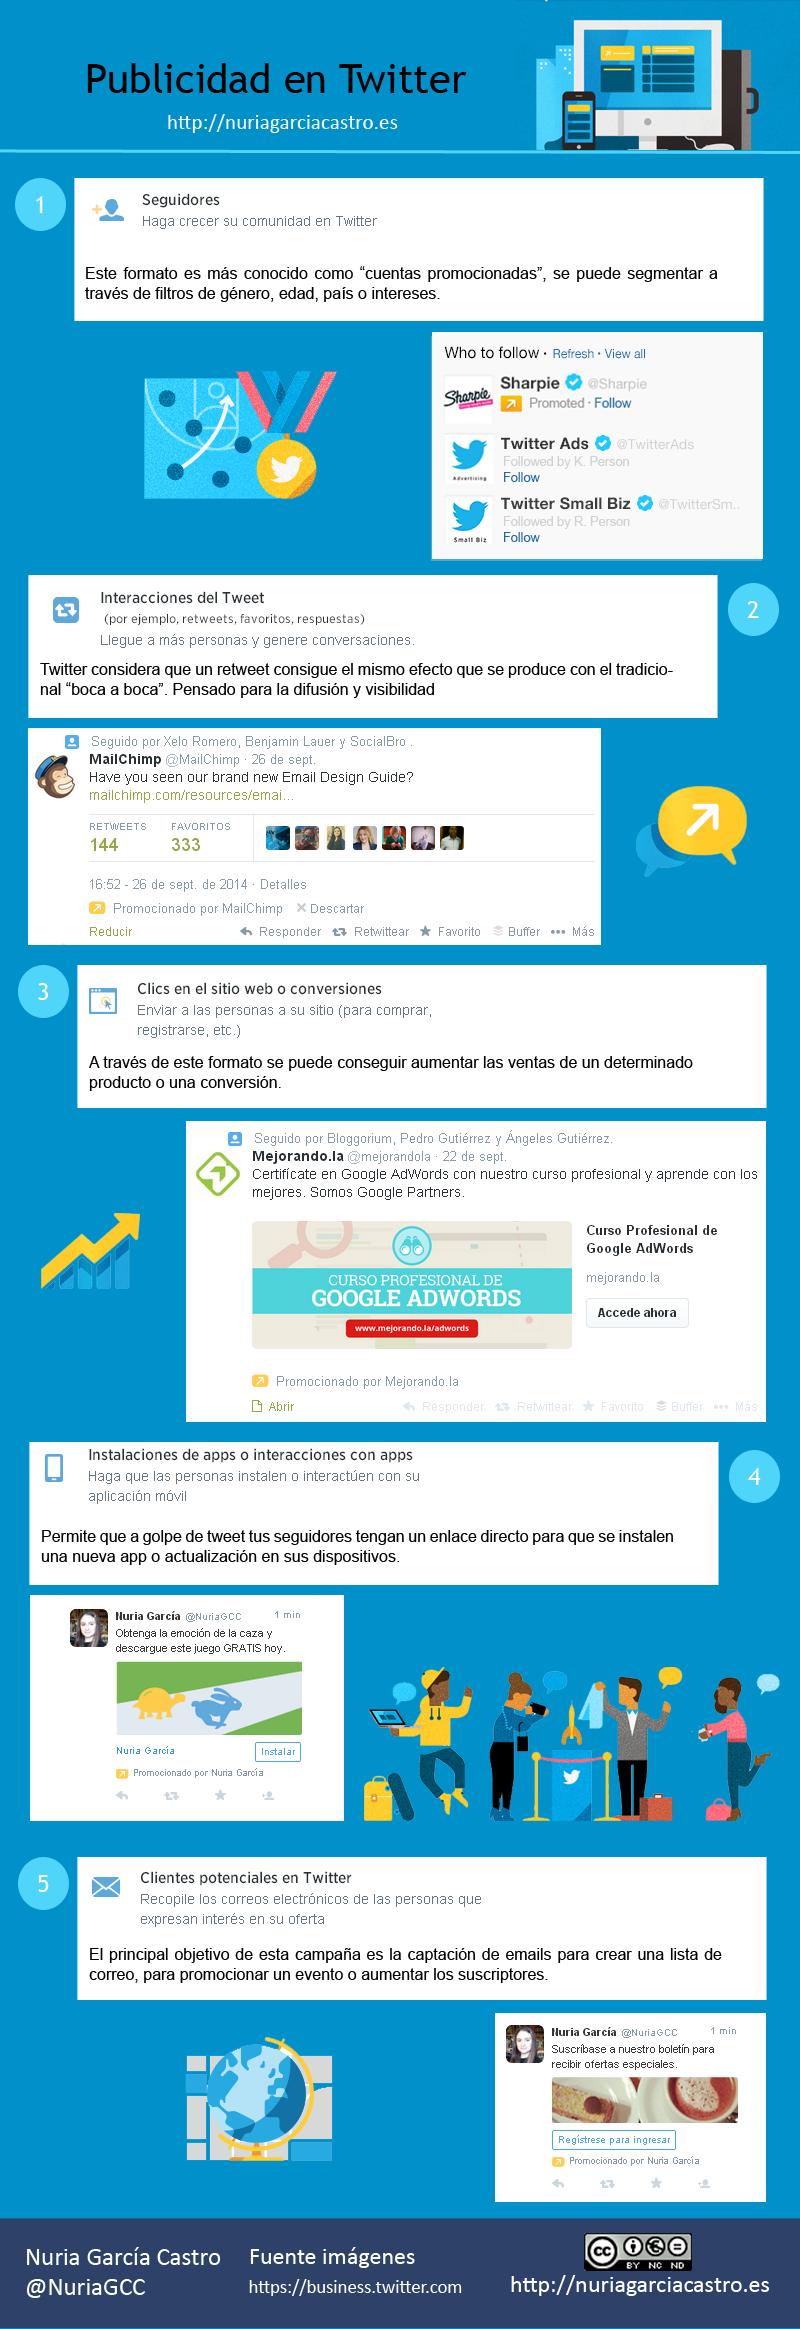 Publicidad en Twitter